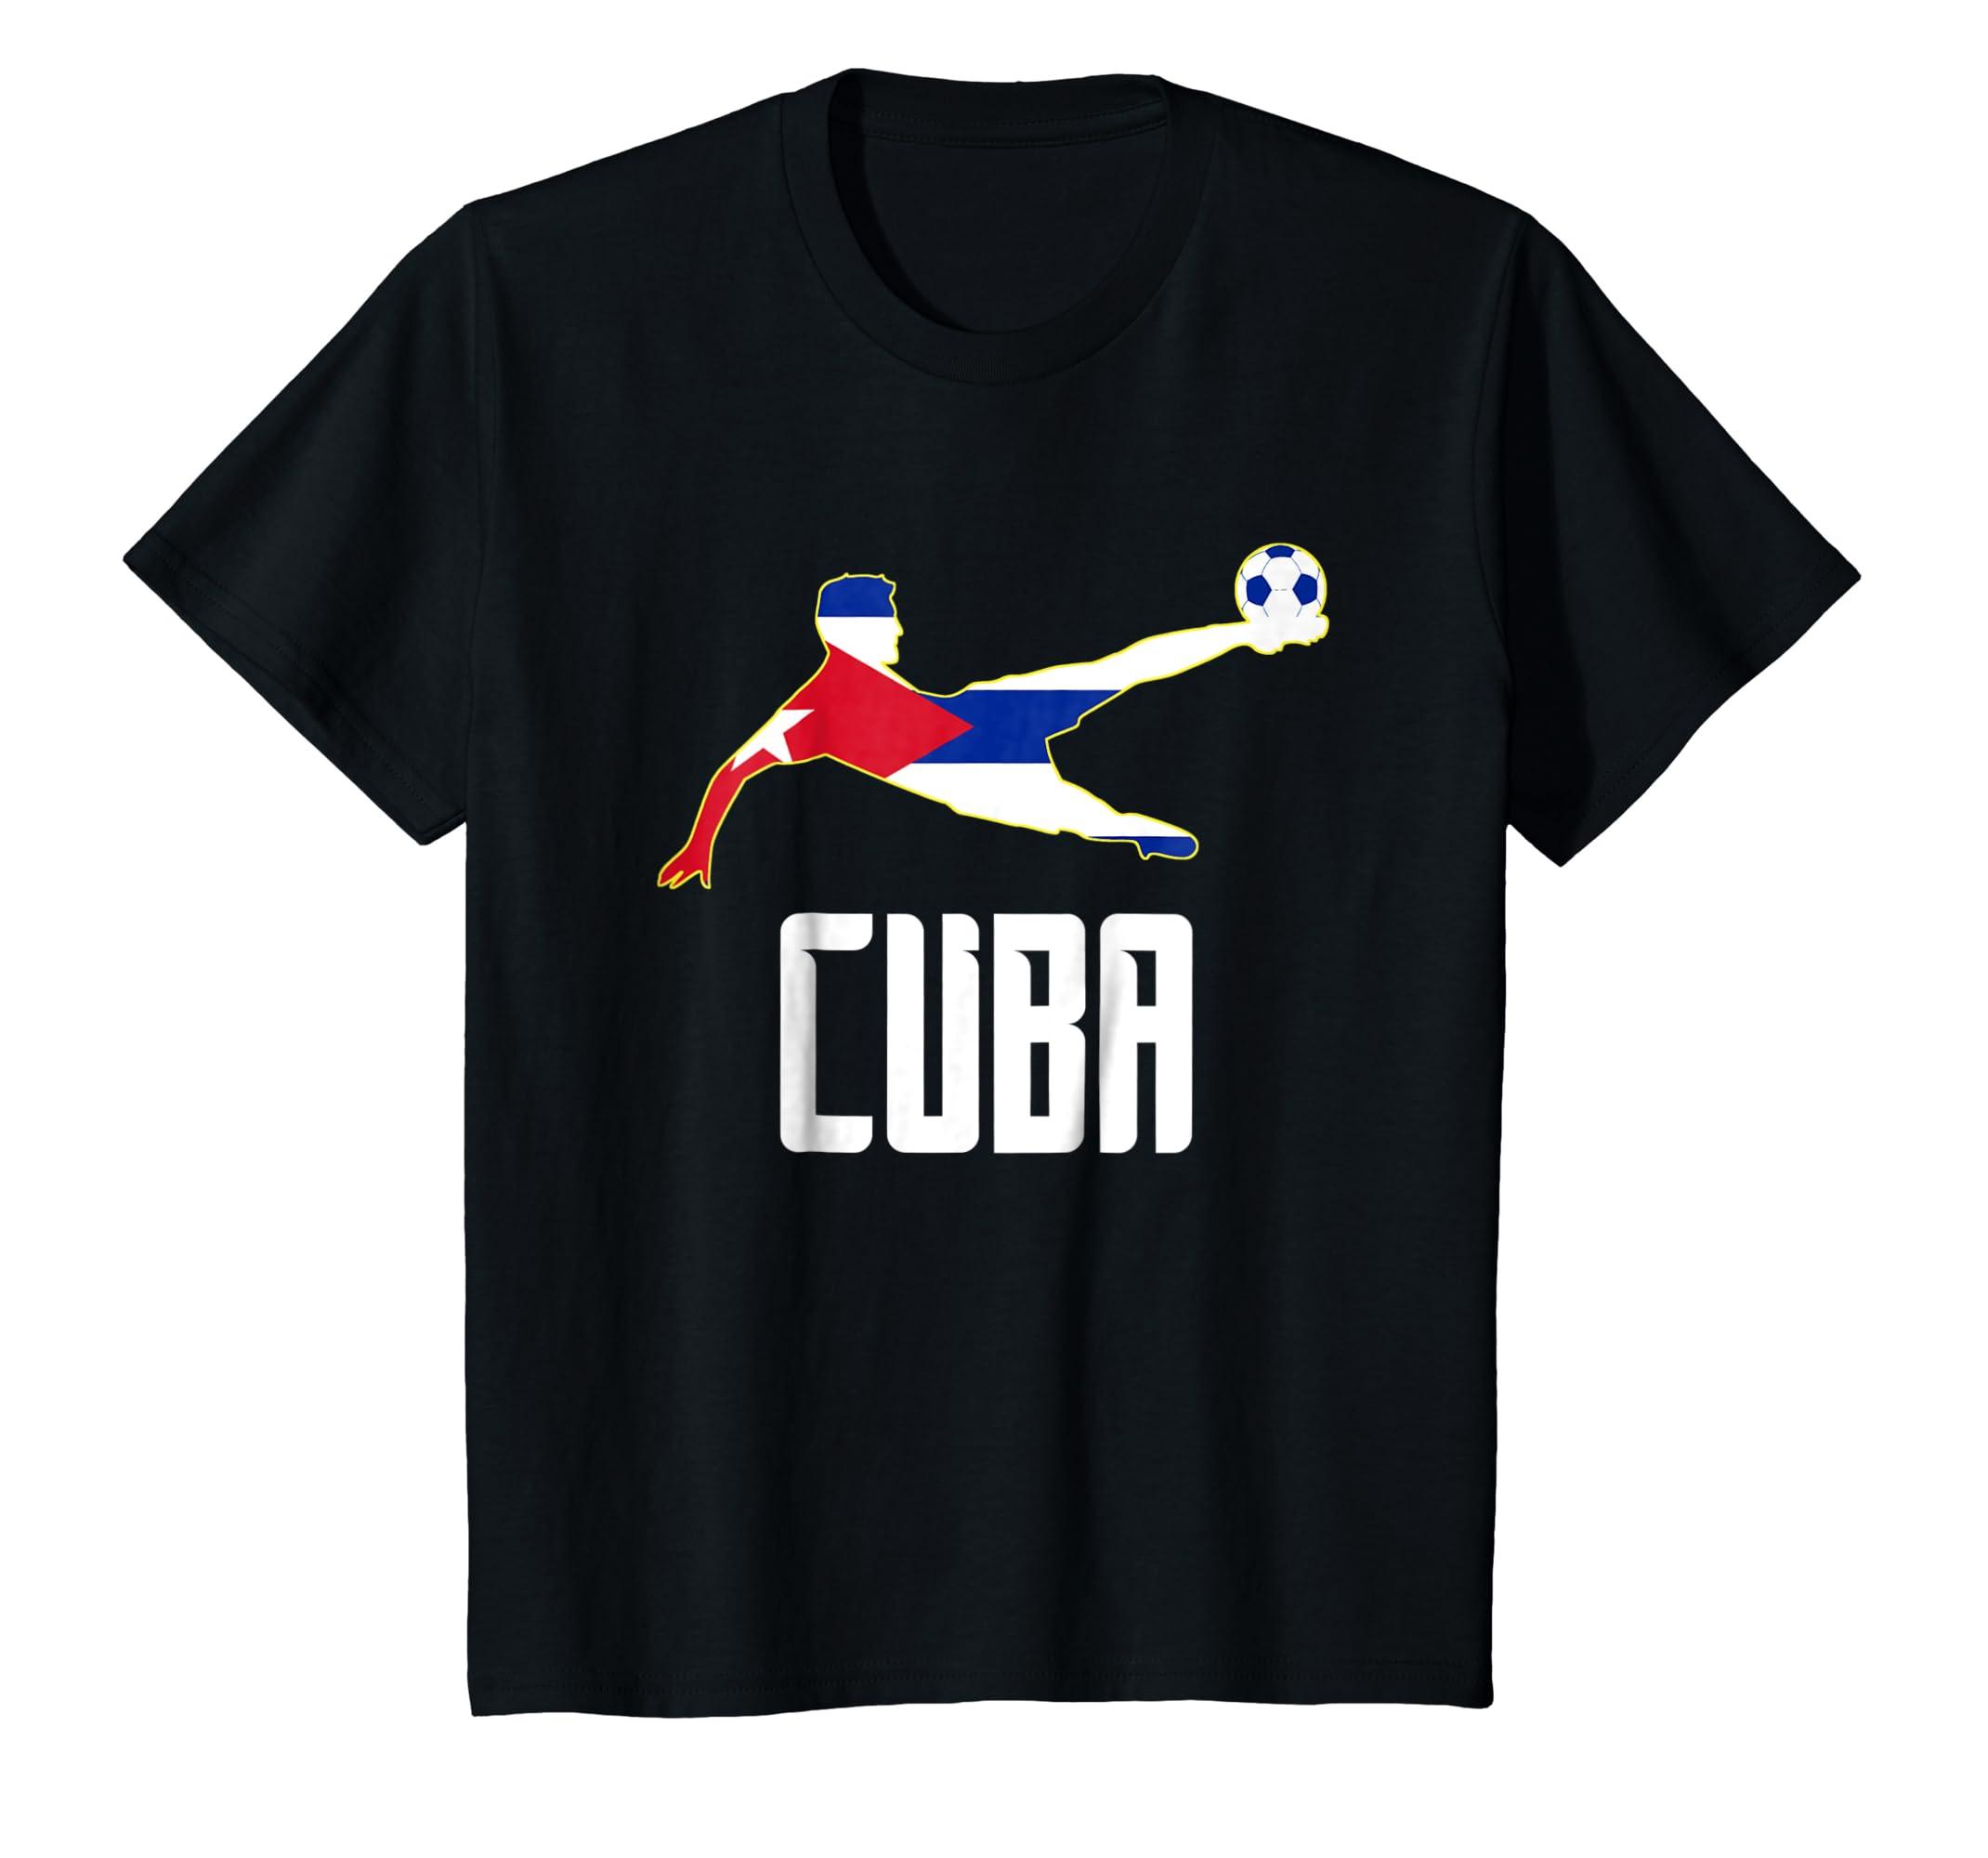 d941a2da35e15 Camisetas de futbol oficiales 2017